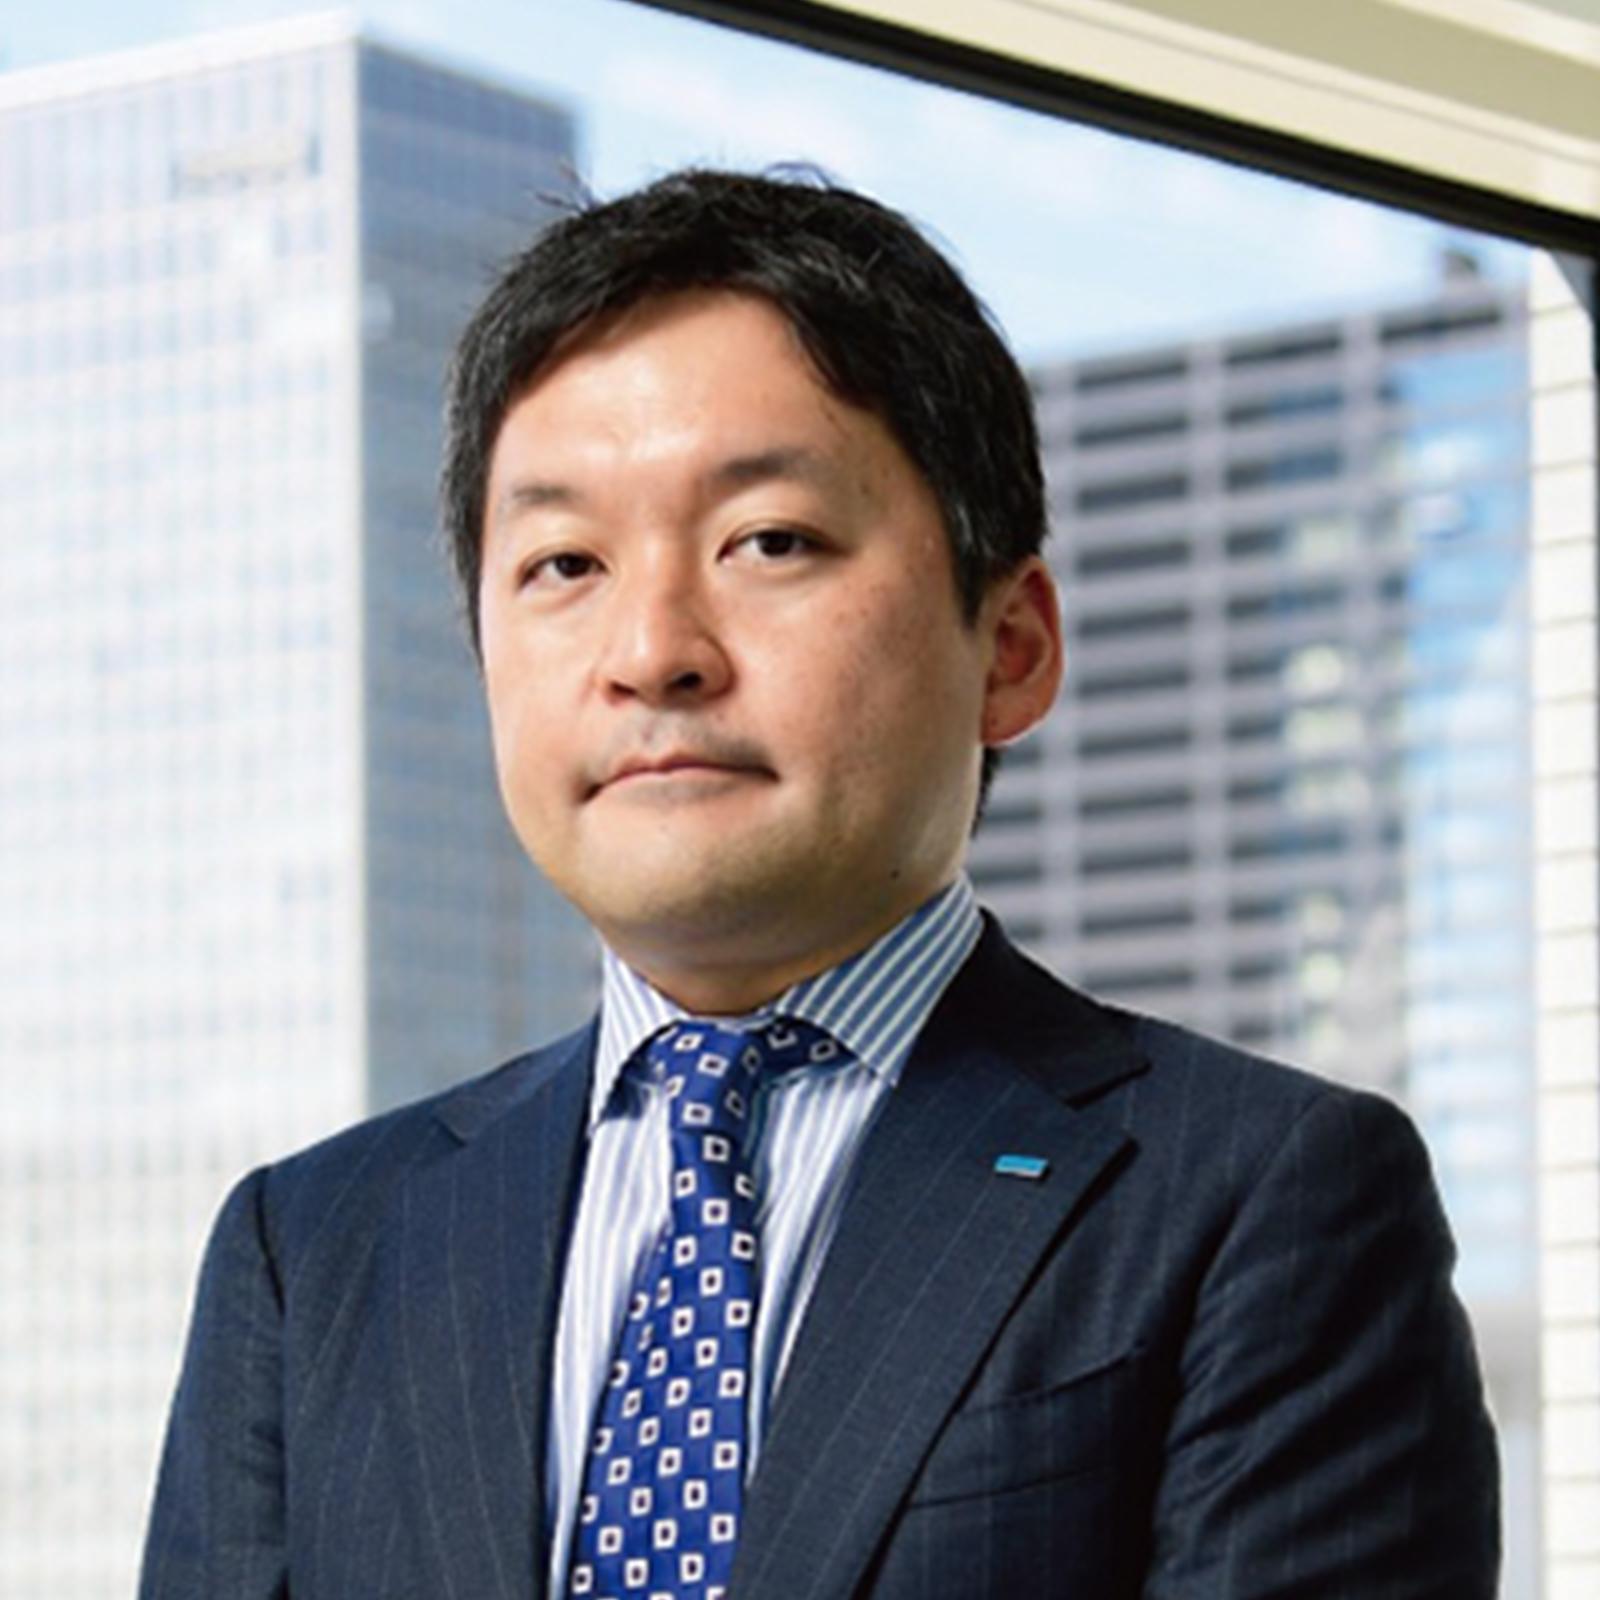 渡辺パイプ株式会社 代表取締役副社長 渡辺 圭祐